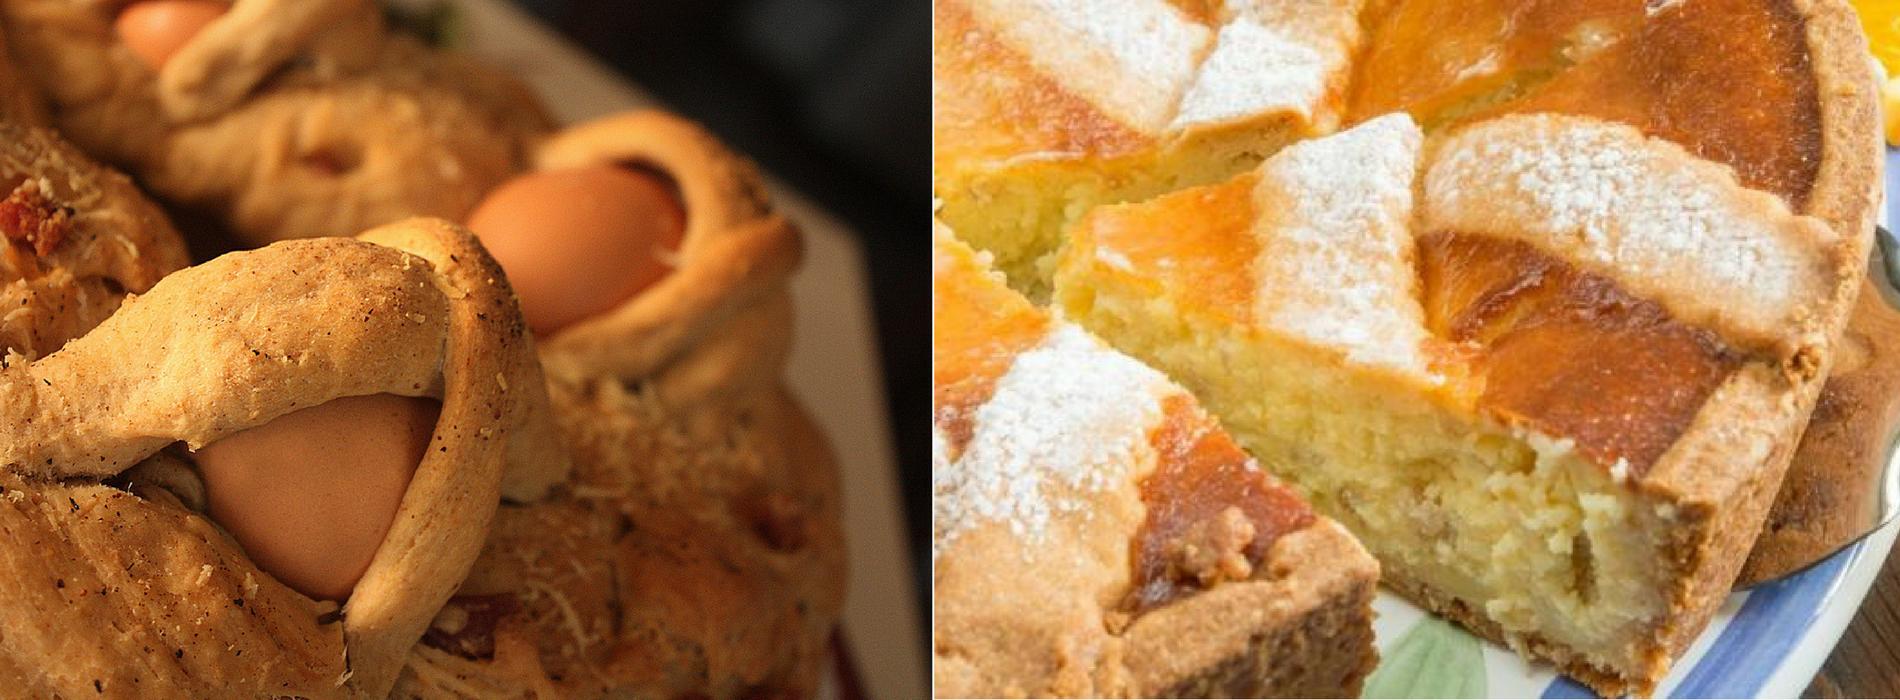 Il Casatiello e la pastiera : i piatti pasquali dei napoletani